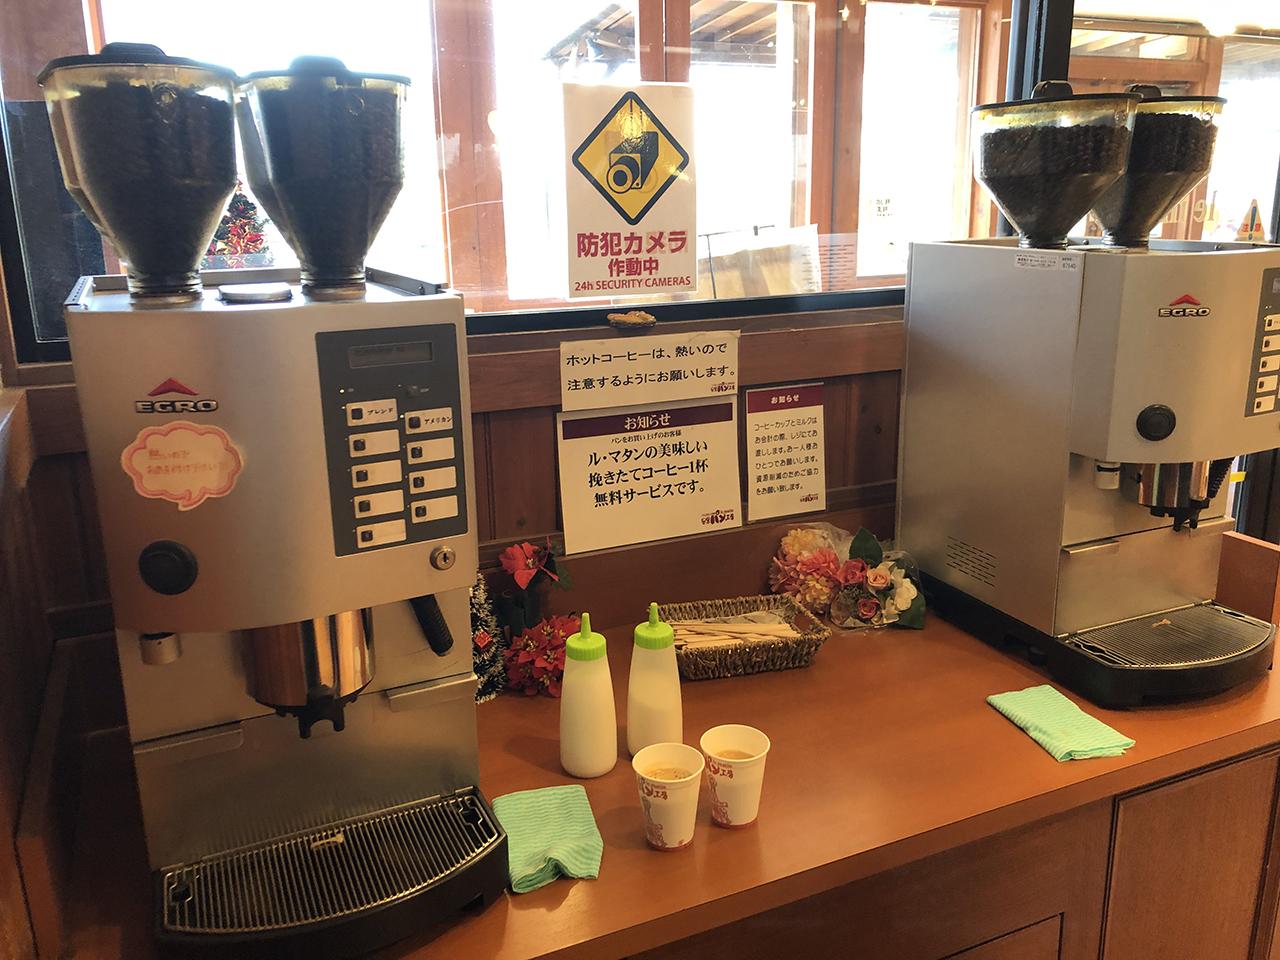 コーヒーのセルフサービスコーナーの写真